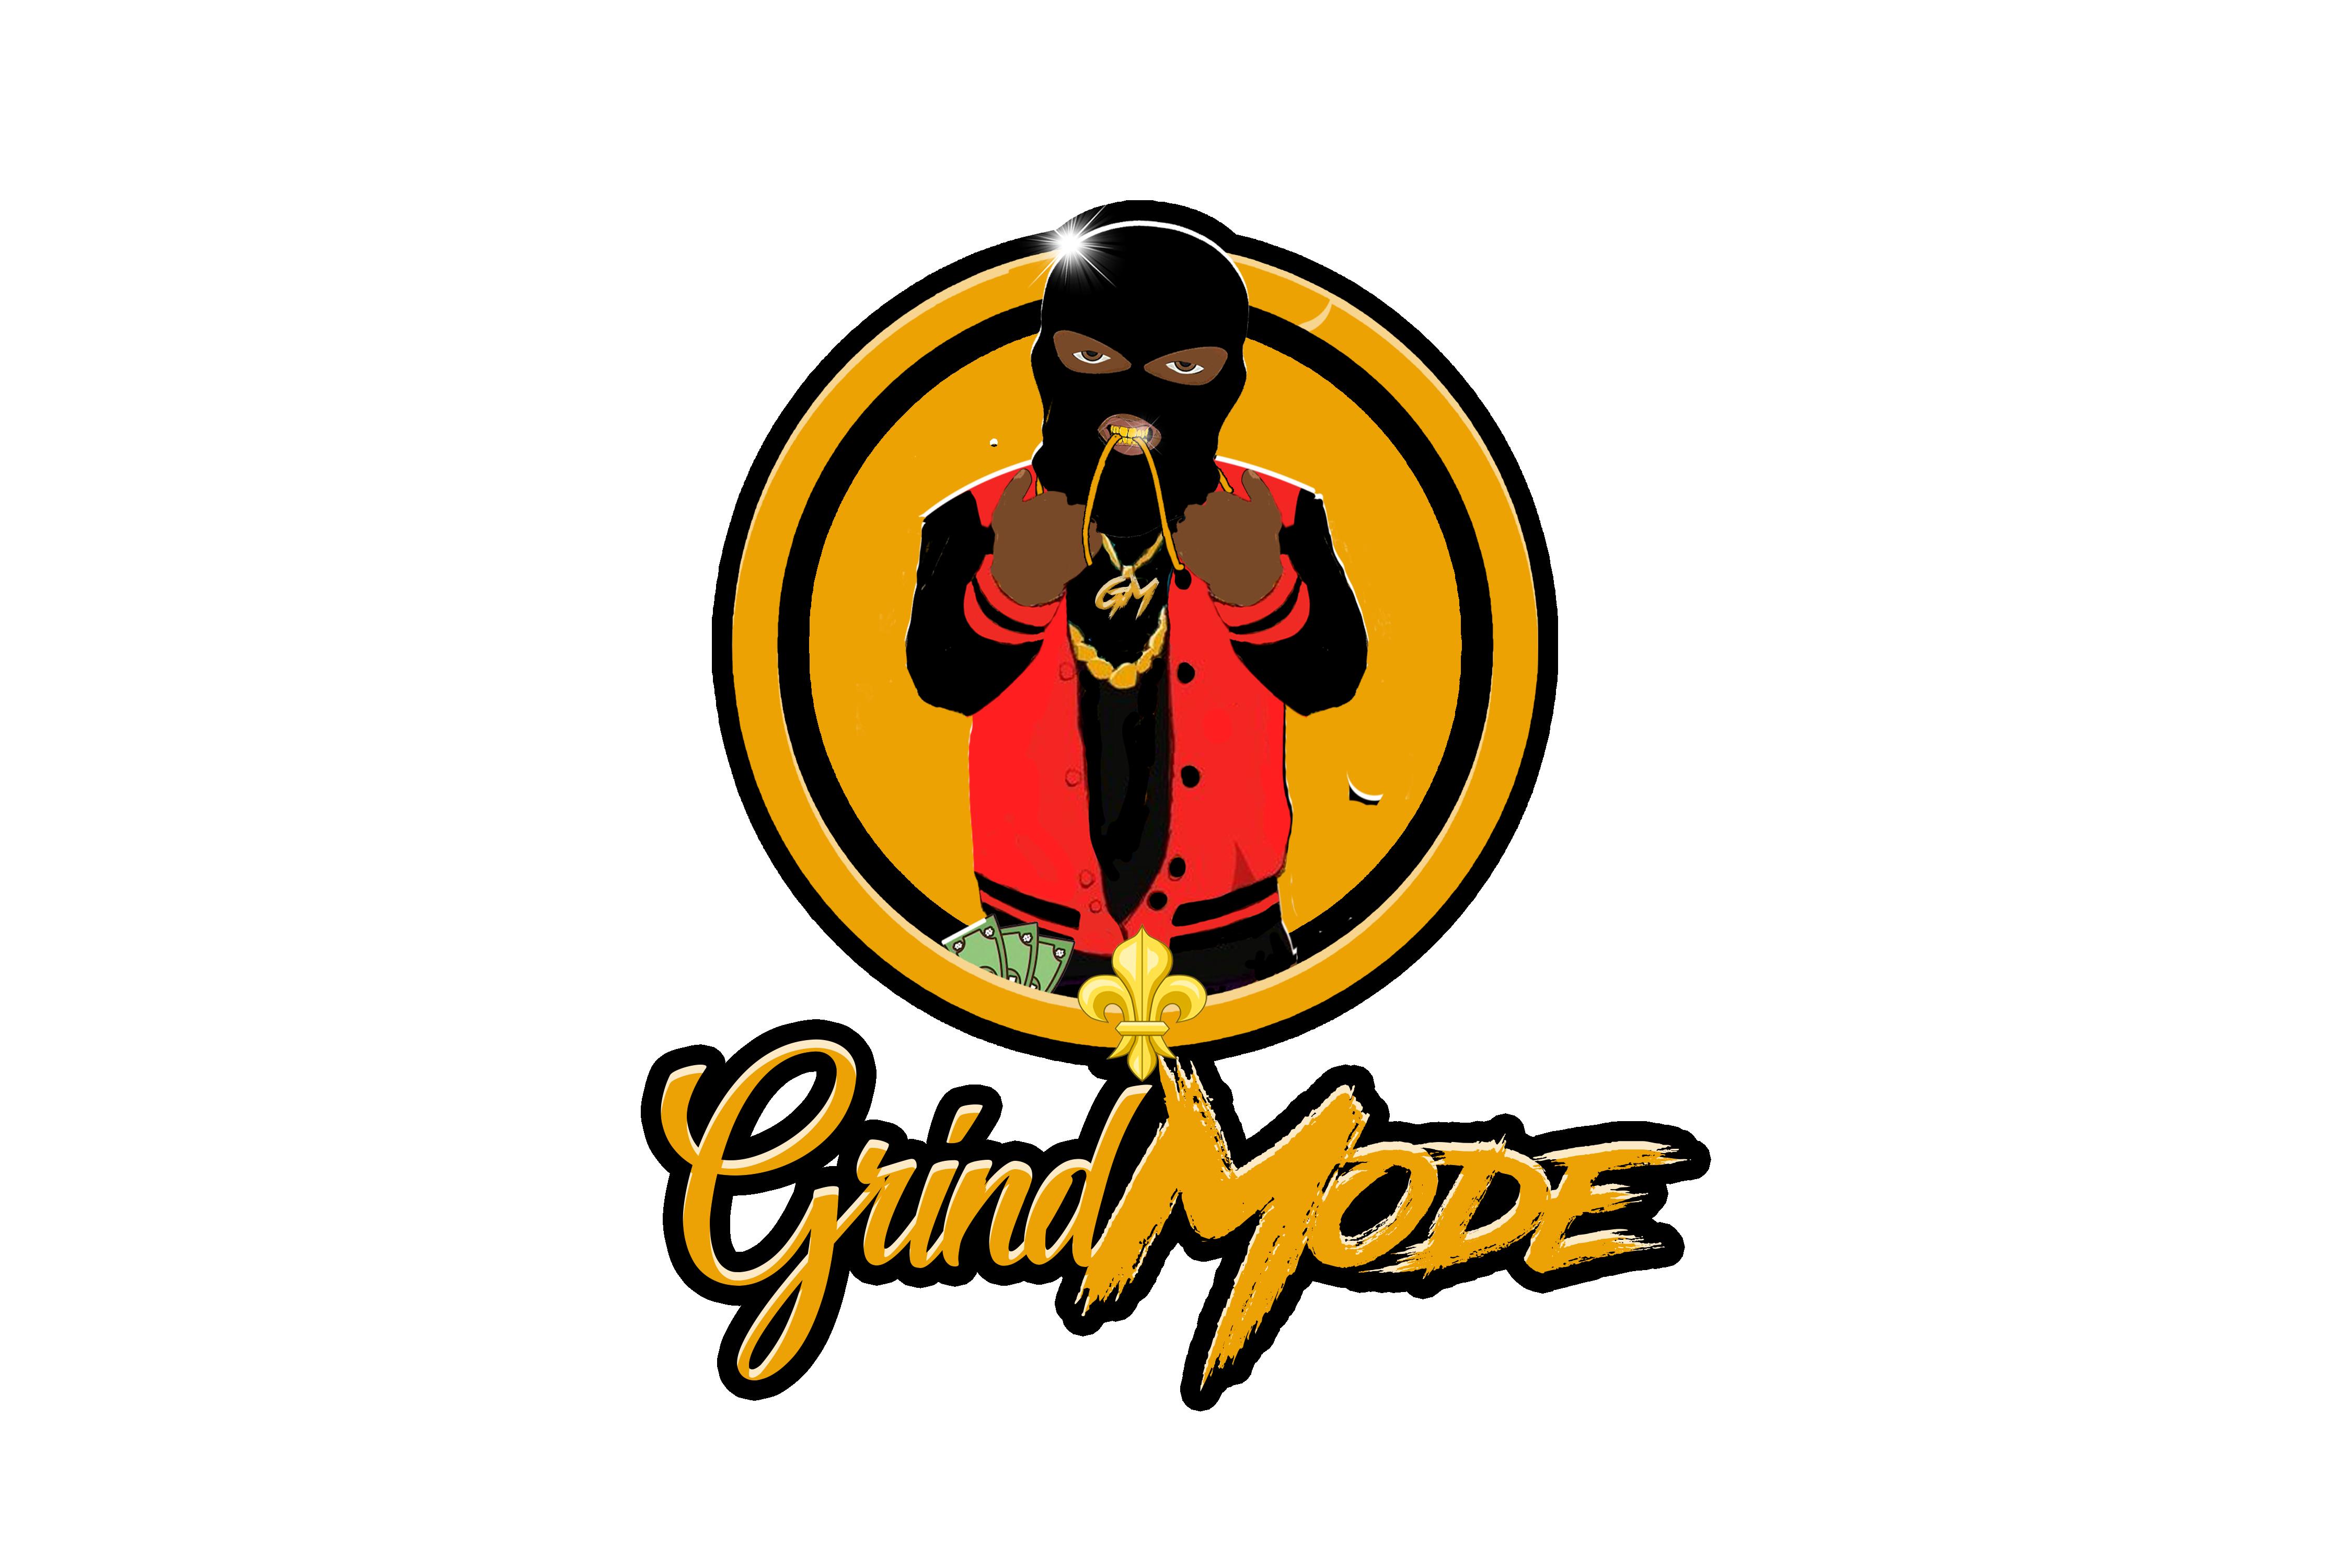 GRIND MODE ENT LLC